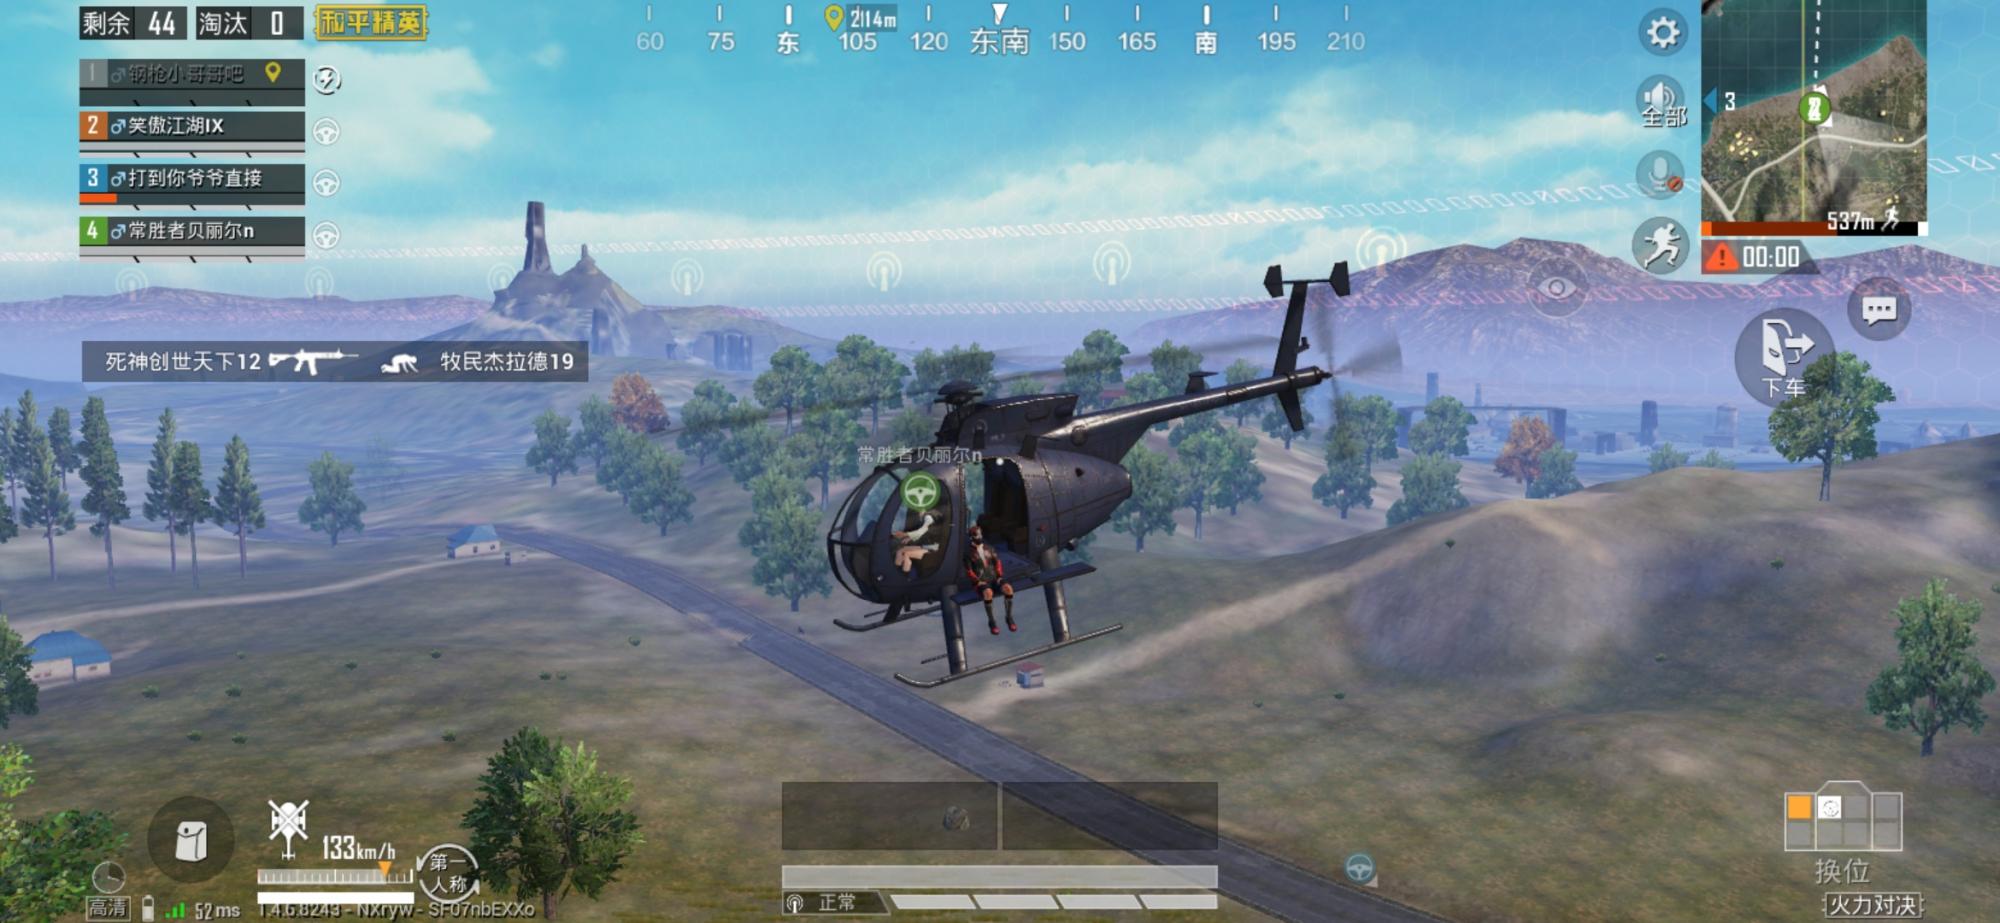 Screenshot_20191117_130628_com.tencent.tmgp.pubgm.jpg